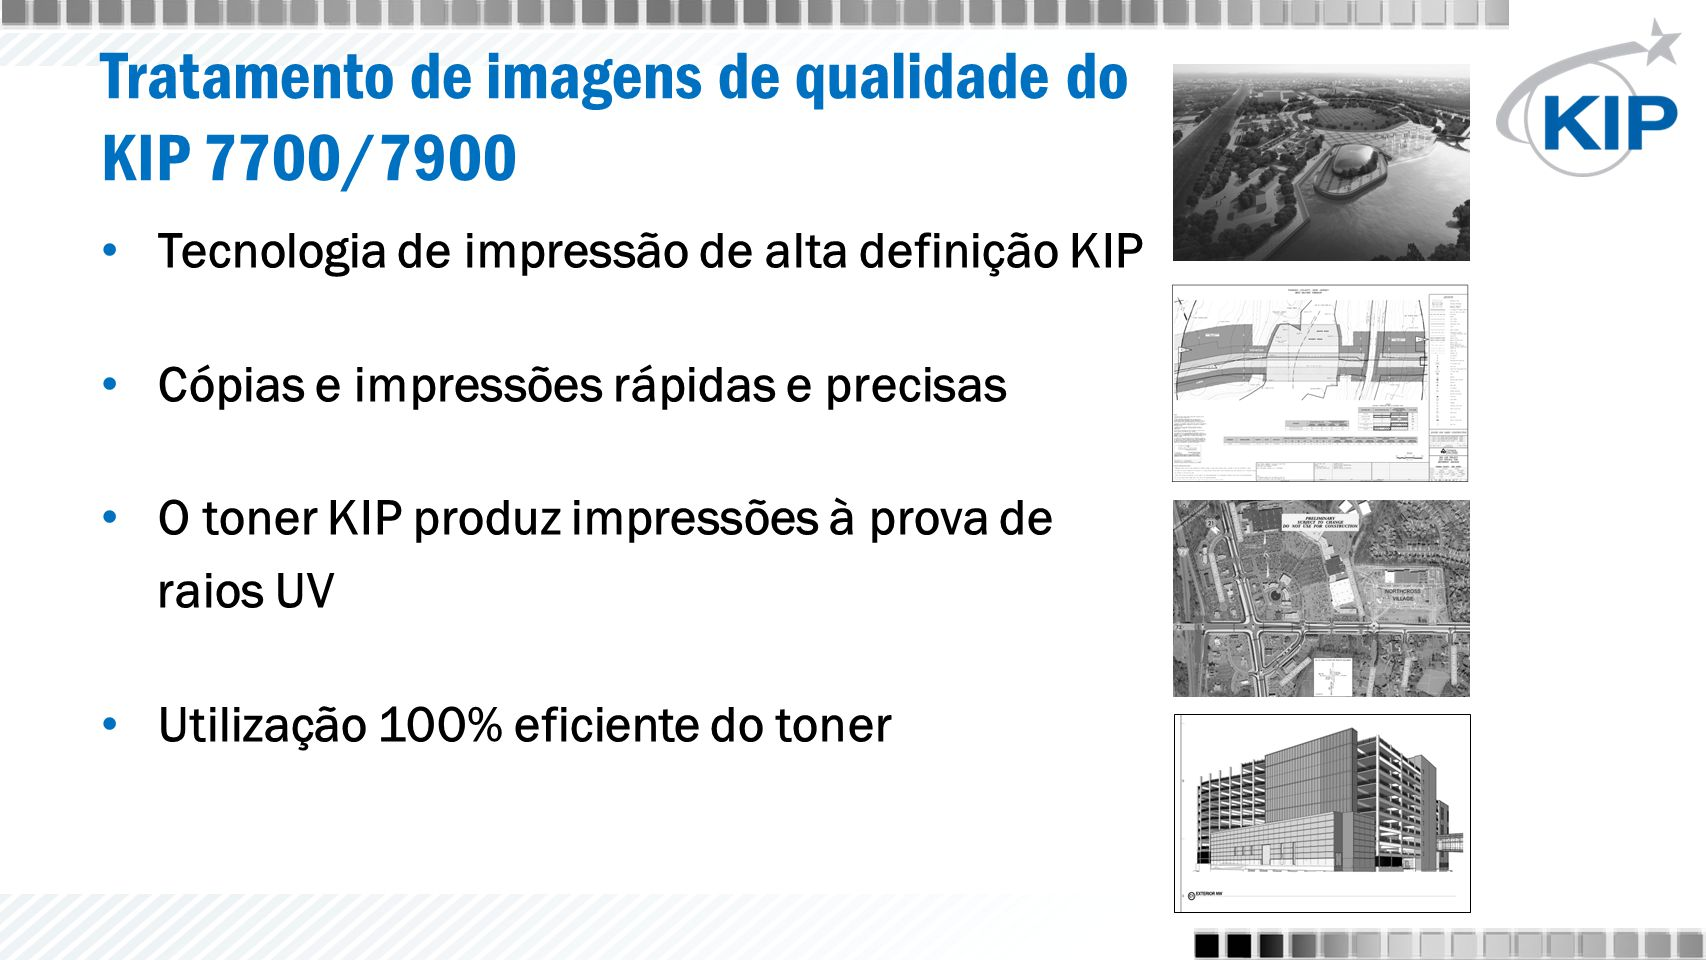 Tratamento de imagens de qualidade do KIP 7700/7900 Tecnologia de impressão de alta definição KIP Cópias e impressões rápidas e precisas O toner KIP produz impressões à prova de raios UV Utilização 100% eficiente do toner